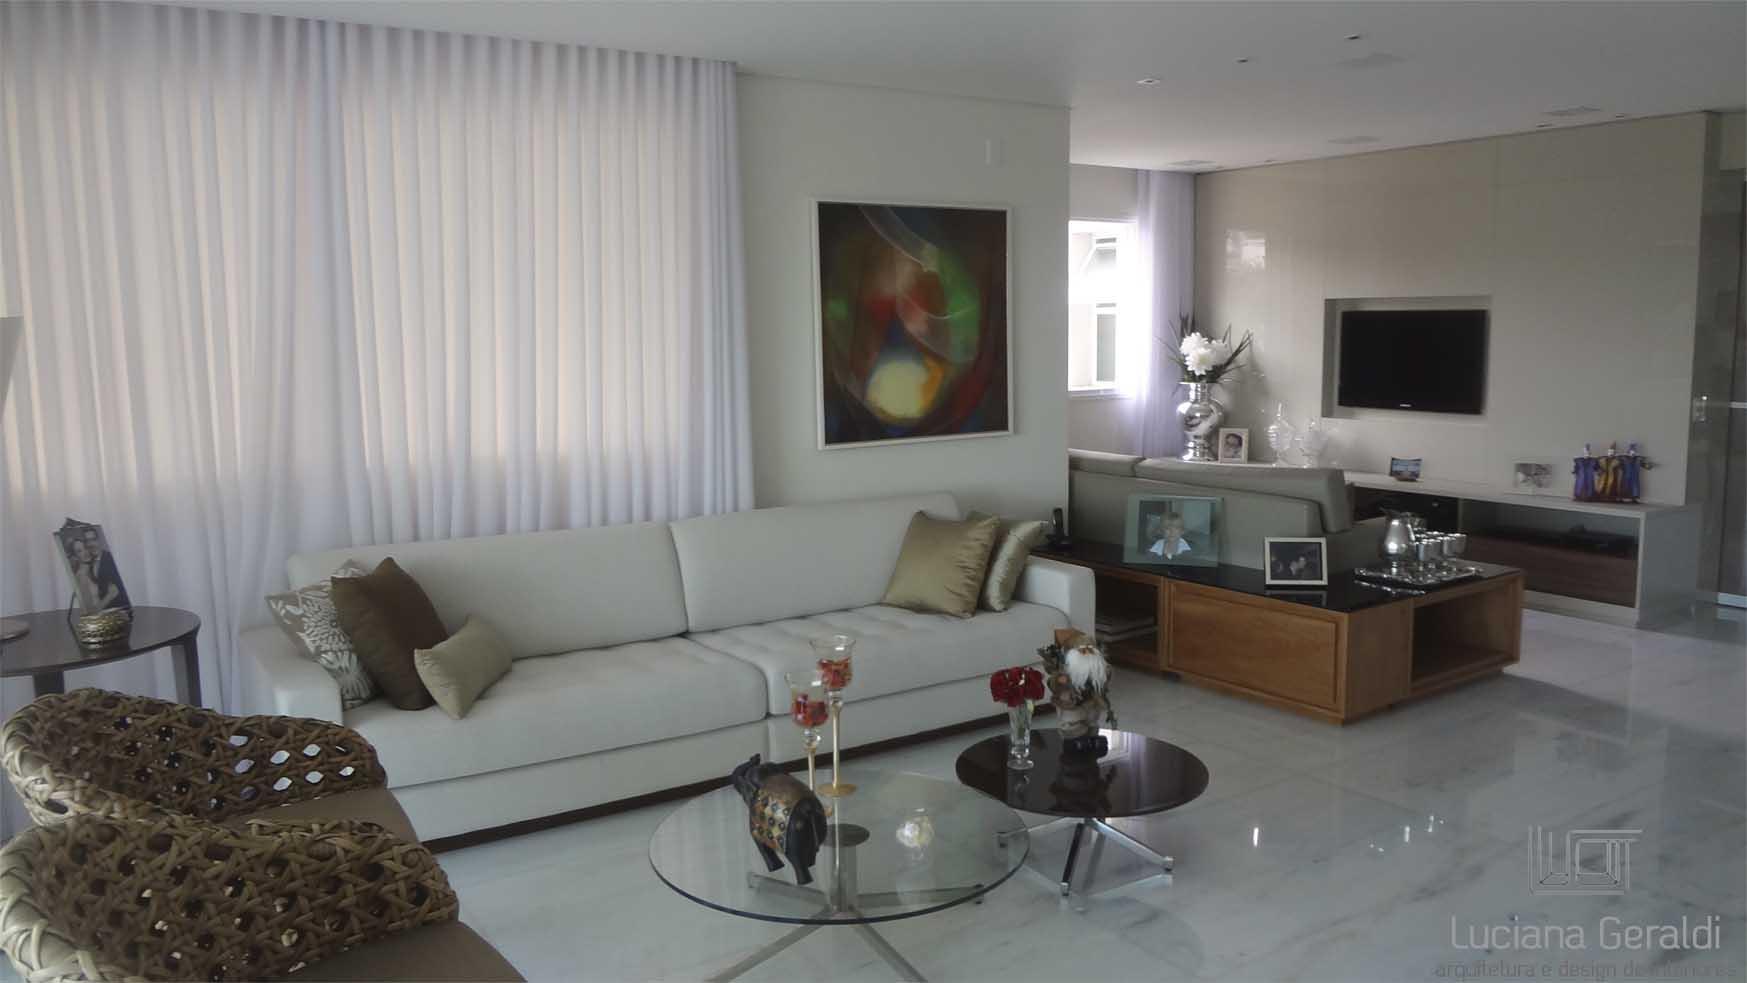 decoracao de interiores salas e quartos:admin « 2/5 « Luciana Geraldi